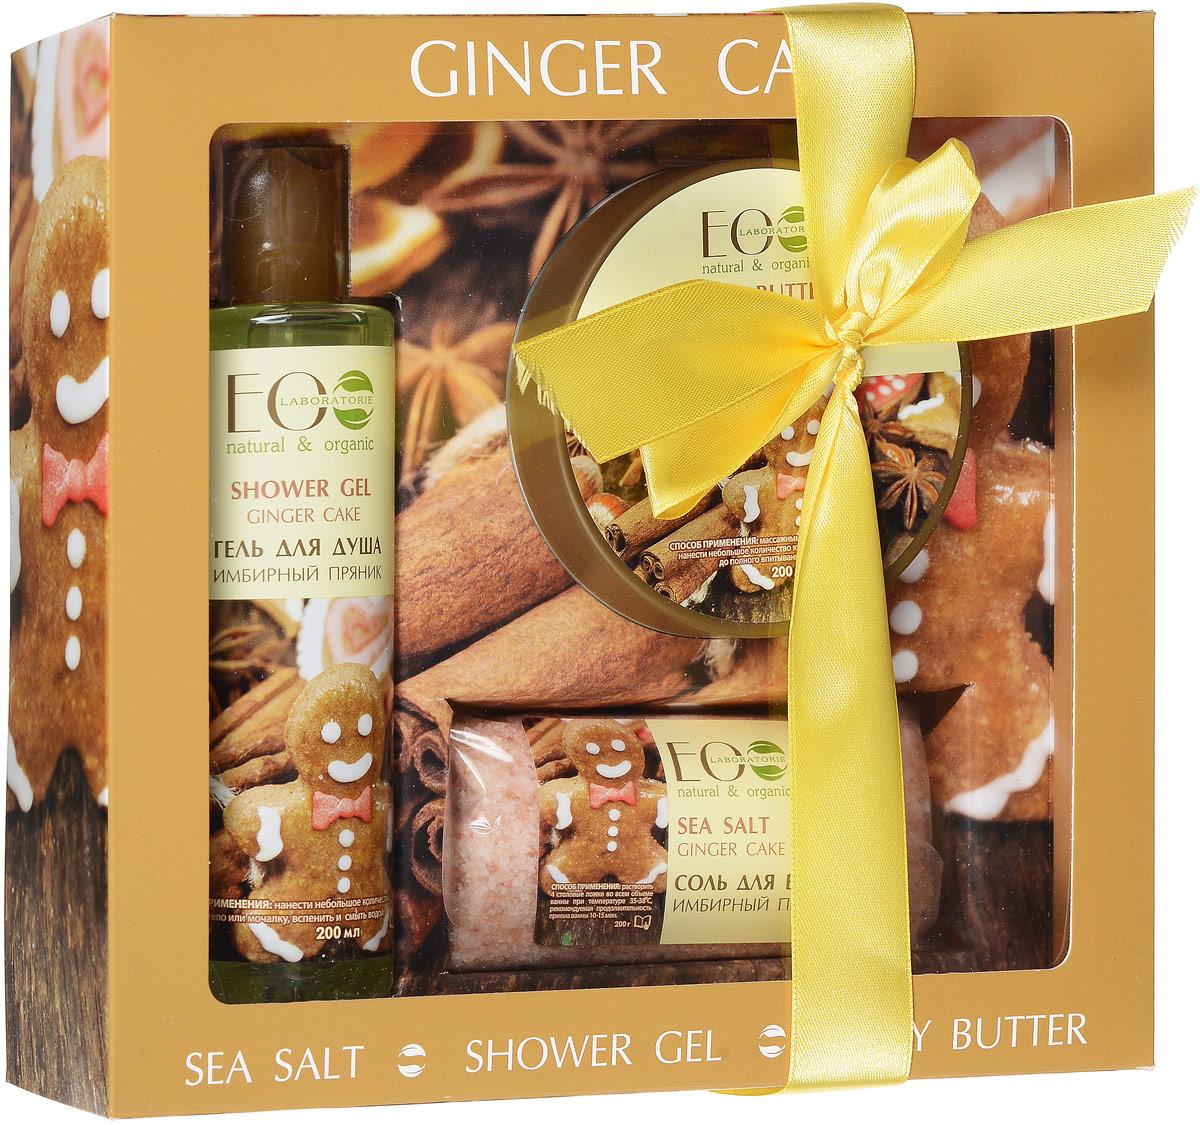 EcoLab ЭкоЛаб Подарочный набор: Ginger cake (соль 200г,гель 200г, баттер 200мл)535-0-11582Подарочный набор ЭкоЛаб станет приятным и полезным презентом, который окажет необходимый уход за кожей и будет радовать неповторимыми ароматами.В состав набора входят: Гель для душа, крем-баттер для тела, соль для ванны